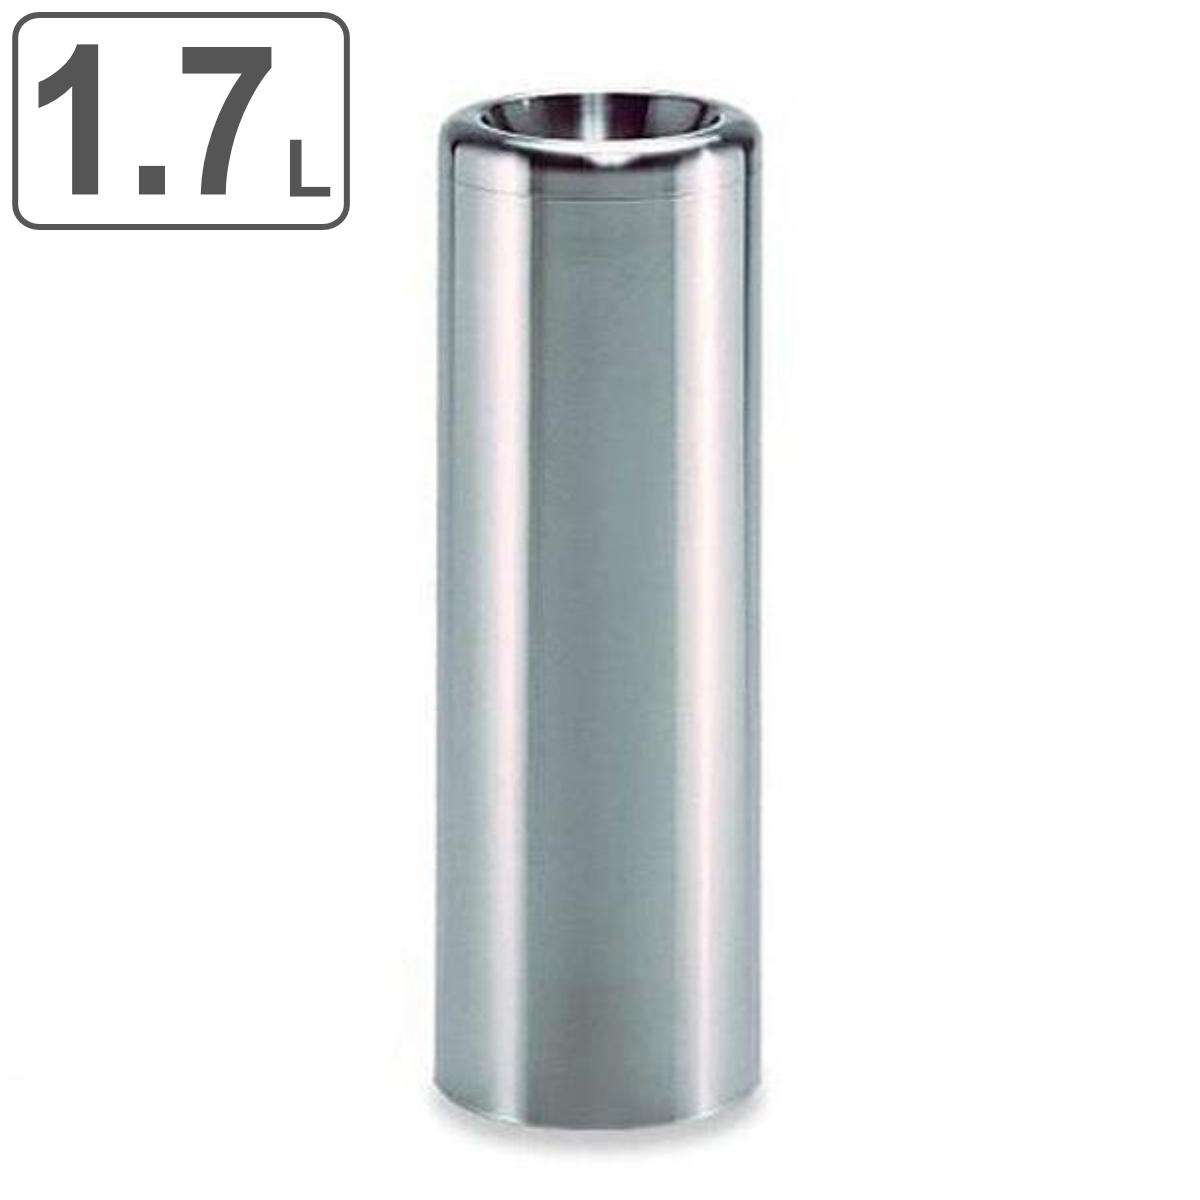 灰皿 スタンド丸型 ステンレス製 1.7L SM-120 ( 送料無料 スモーキングスタンド 吸いがら入れ )